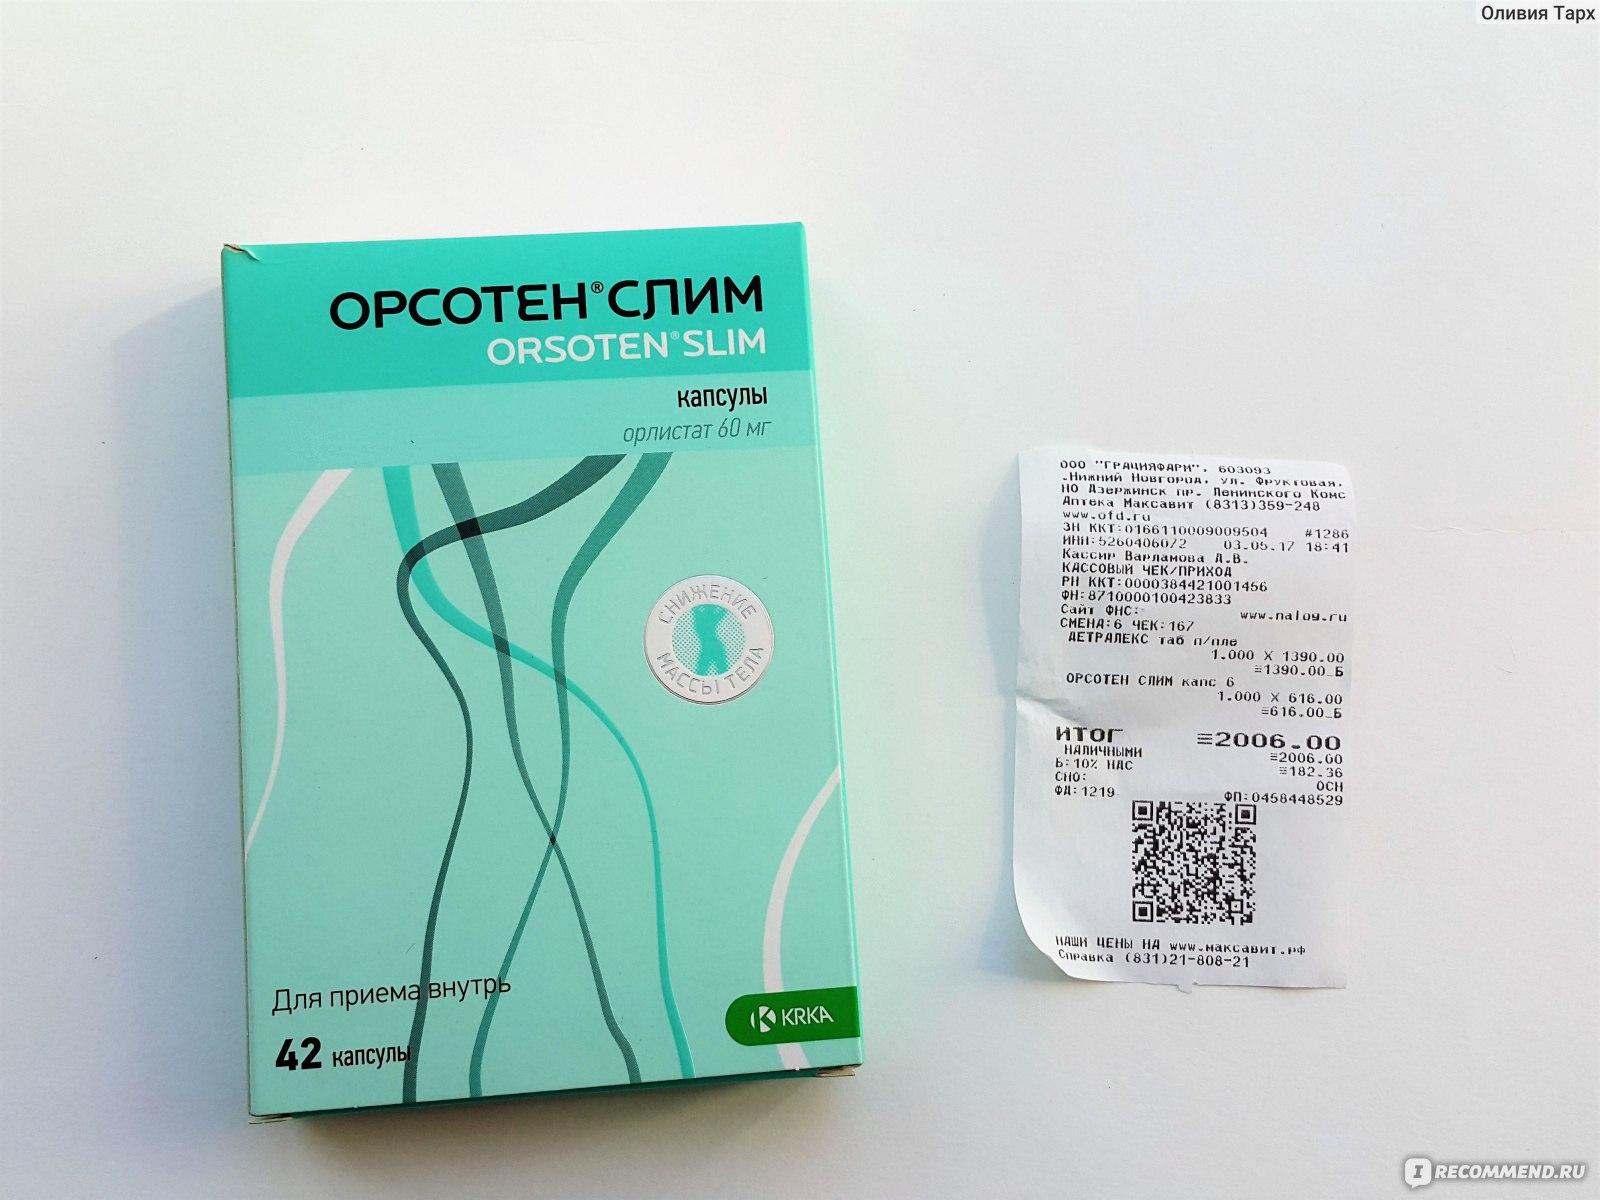 КЕТОФОРМ для похудения КУПИТЬ капсулы отзывы цена в России